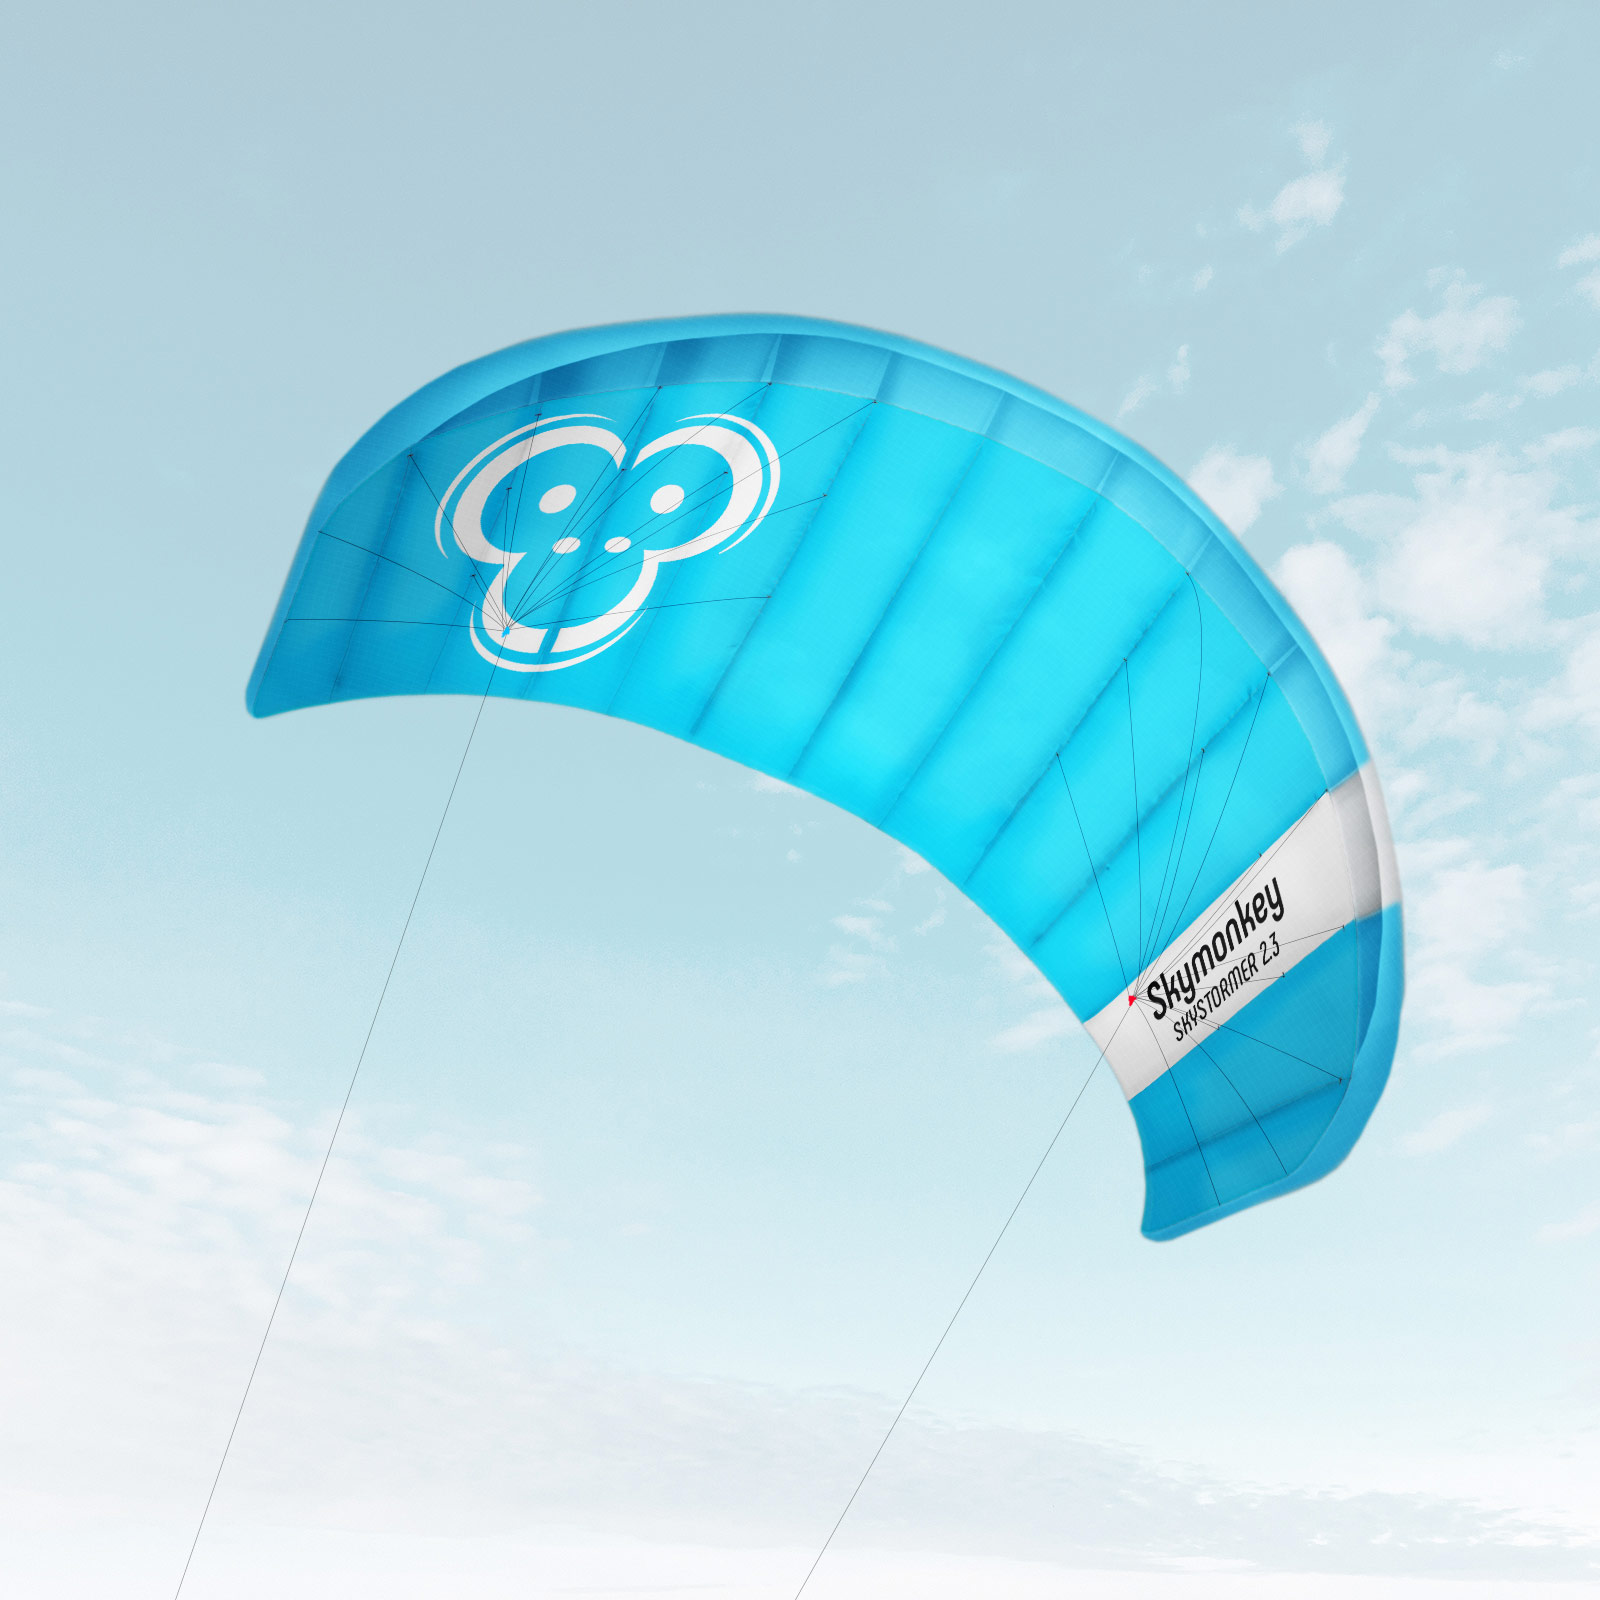 Indexbild 20 - Lenkdrachen SKYMONKEY Skystormer Lenkmatte Flugdrachen Kite Drachen Lenk Matte